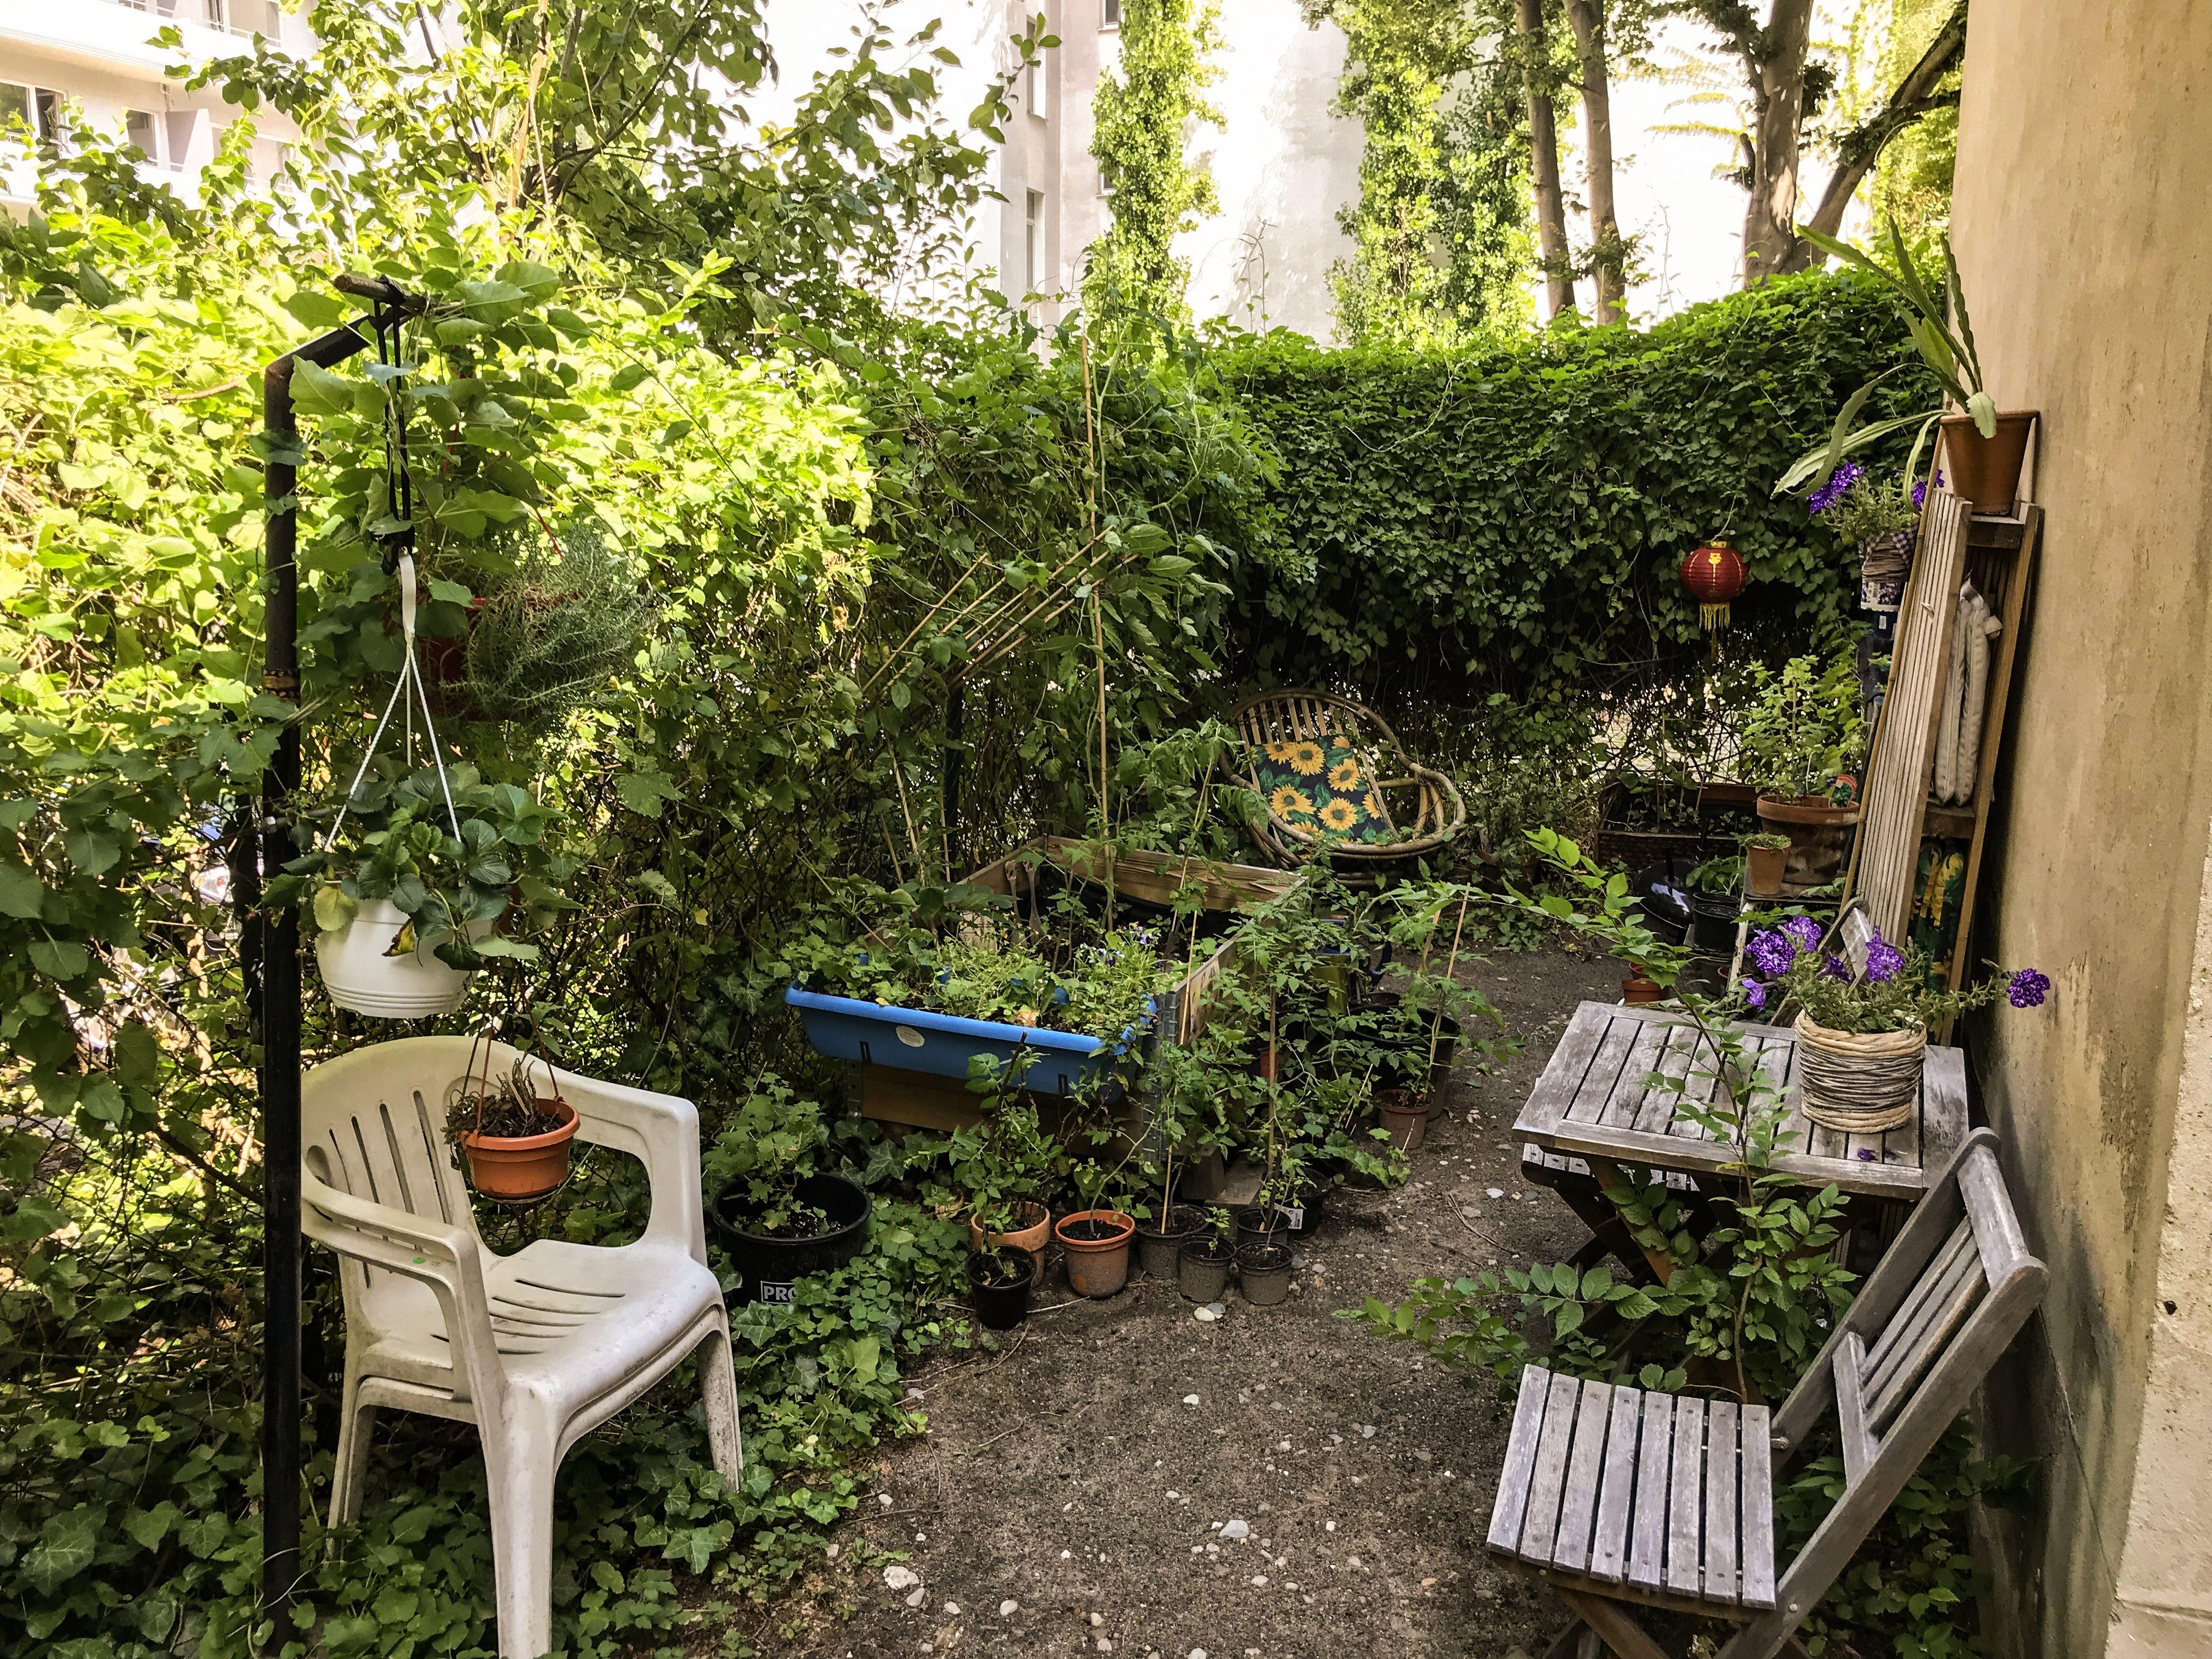 Gartenparadies In Der Grossstadt Gartenparadies Garten Bepflanzung